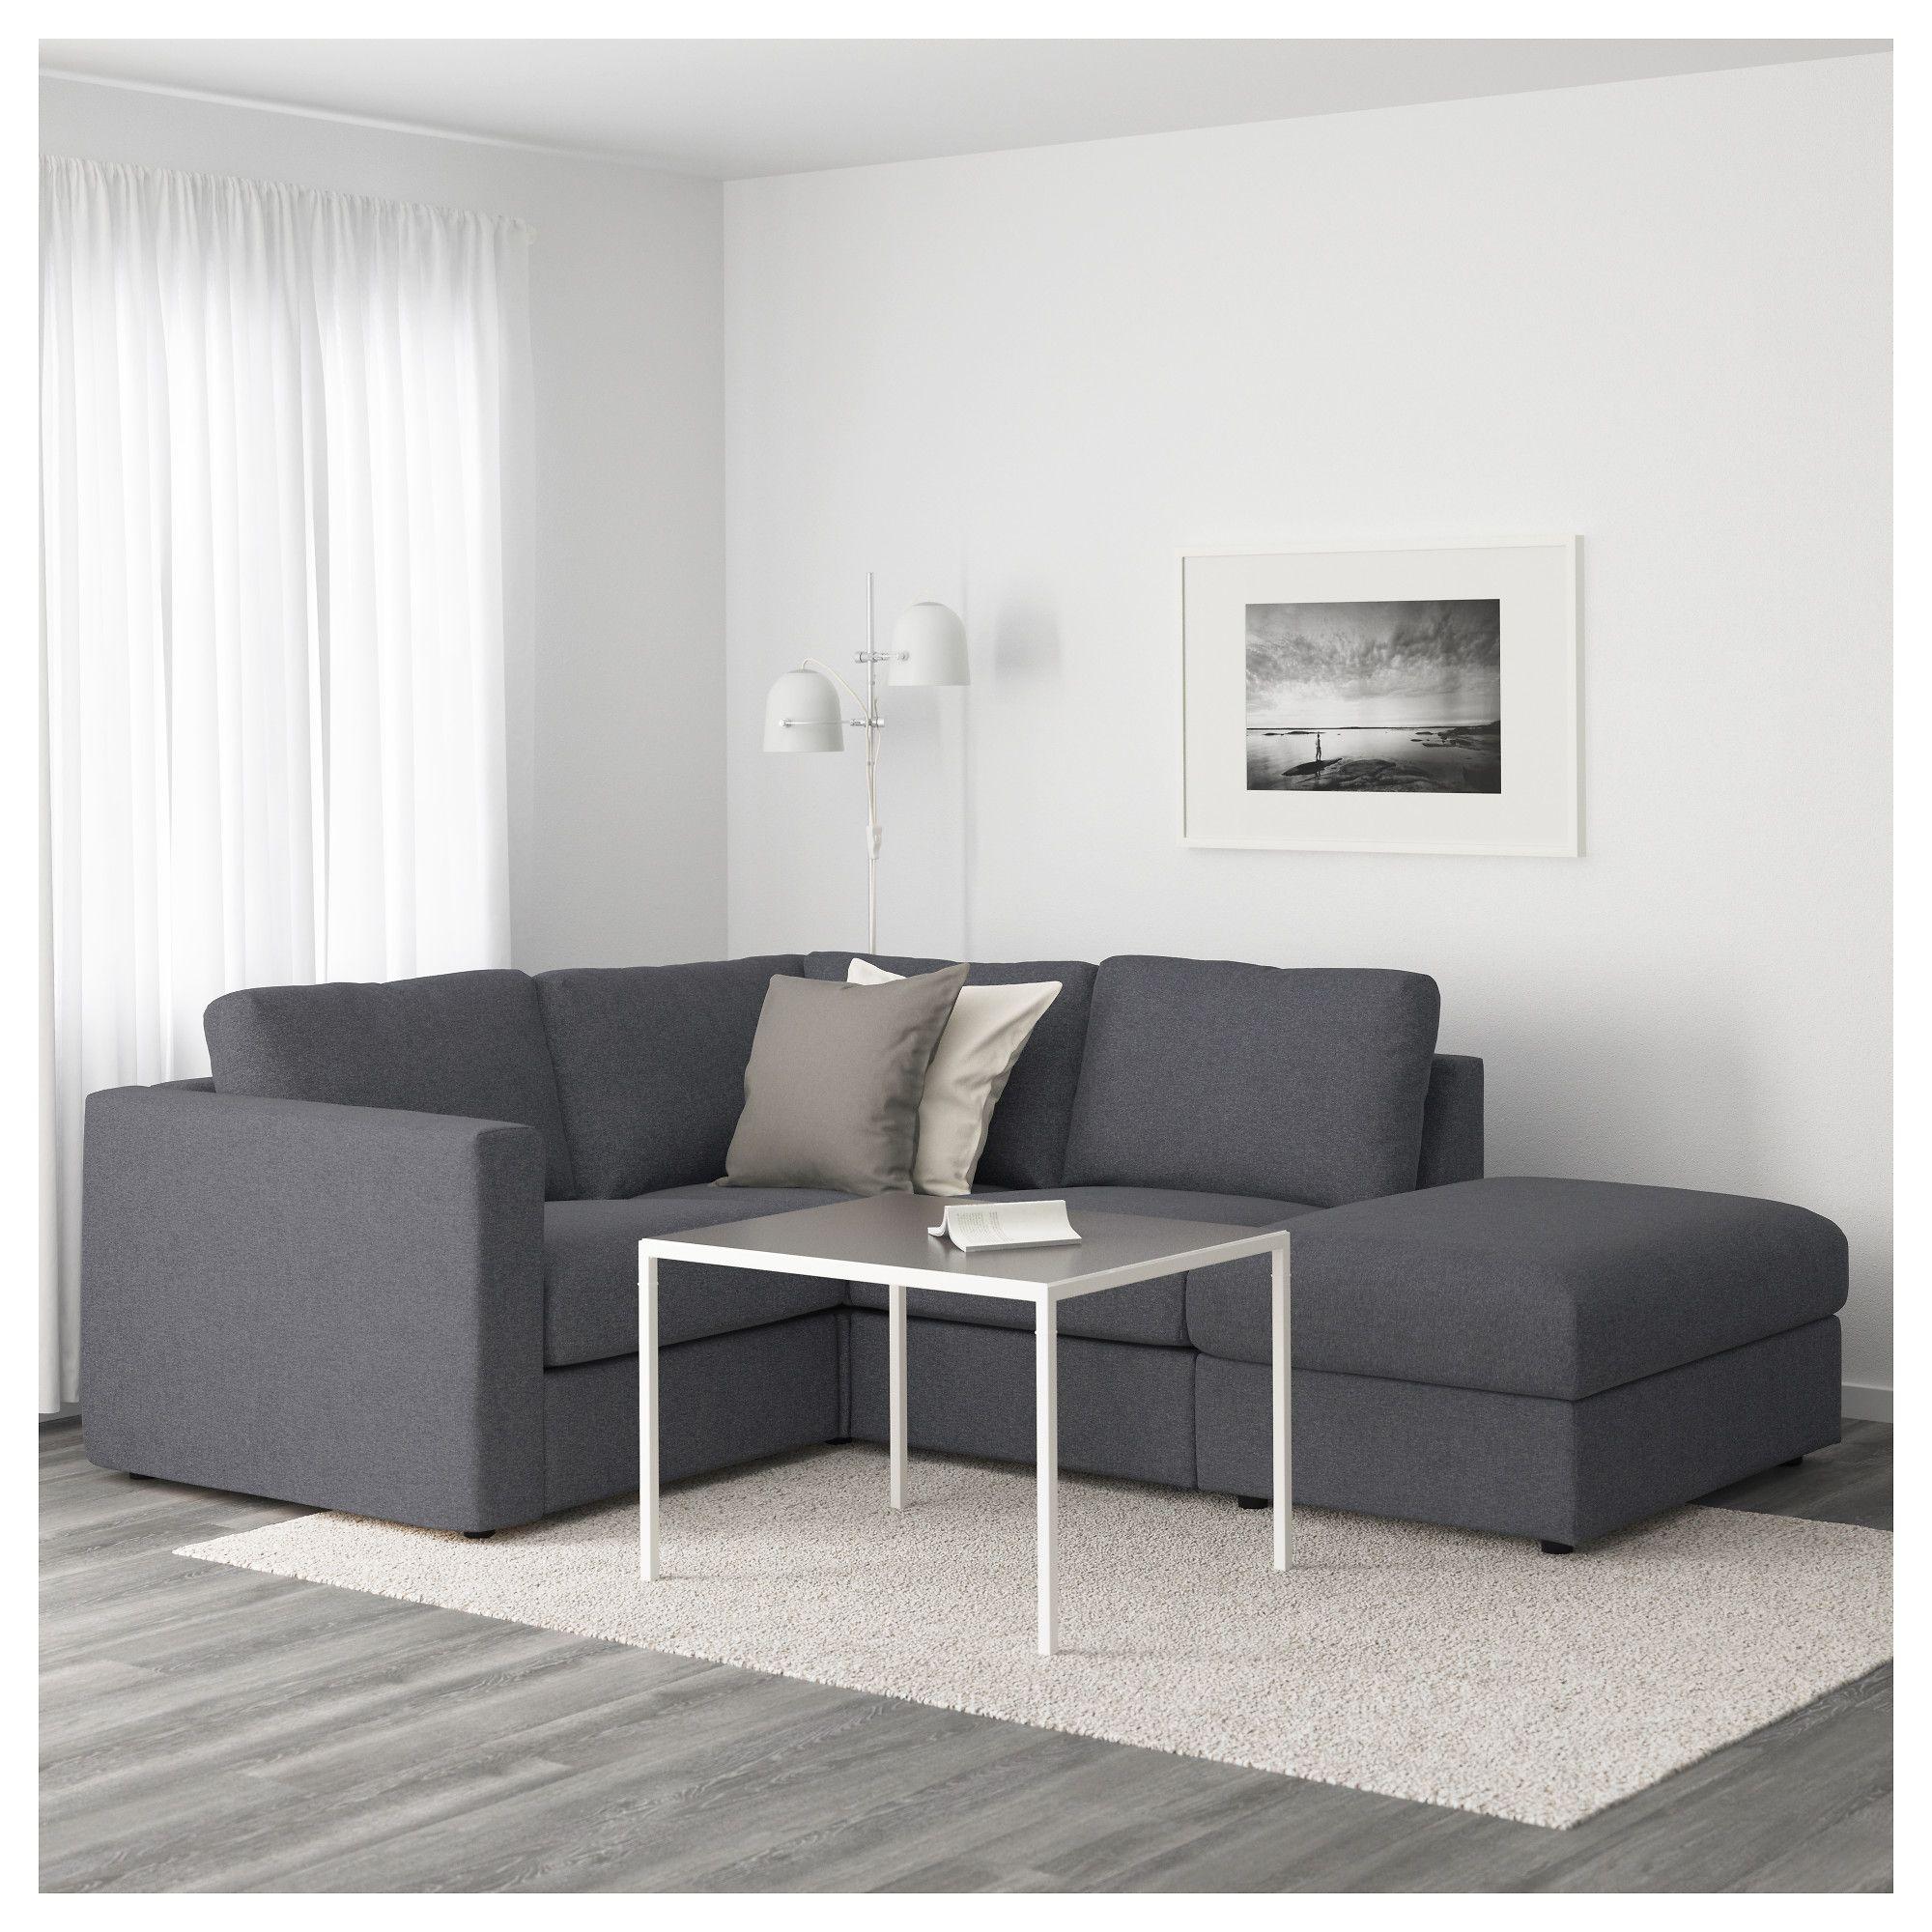 Furniture and Home Furnishings | Decor | Ikea sofa, Ikea vimle sofa ...